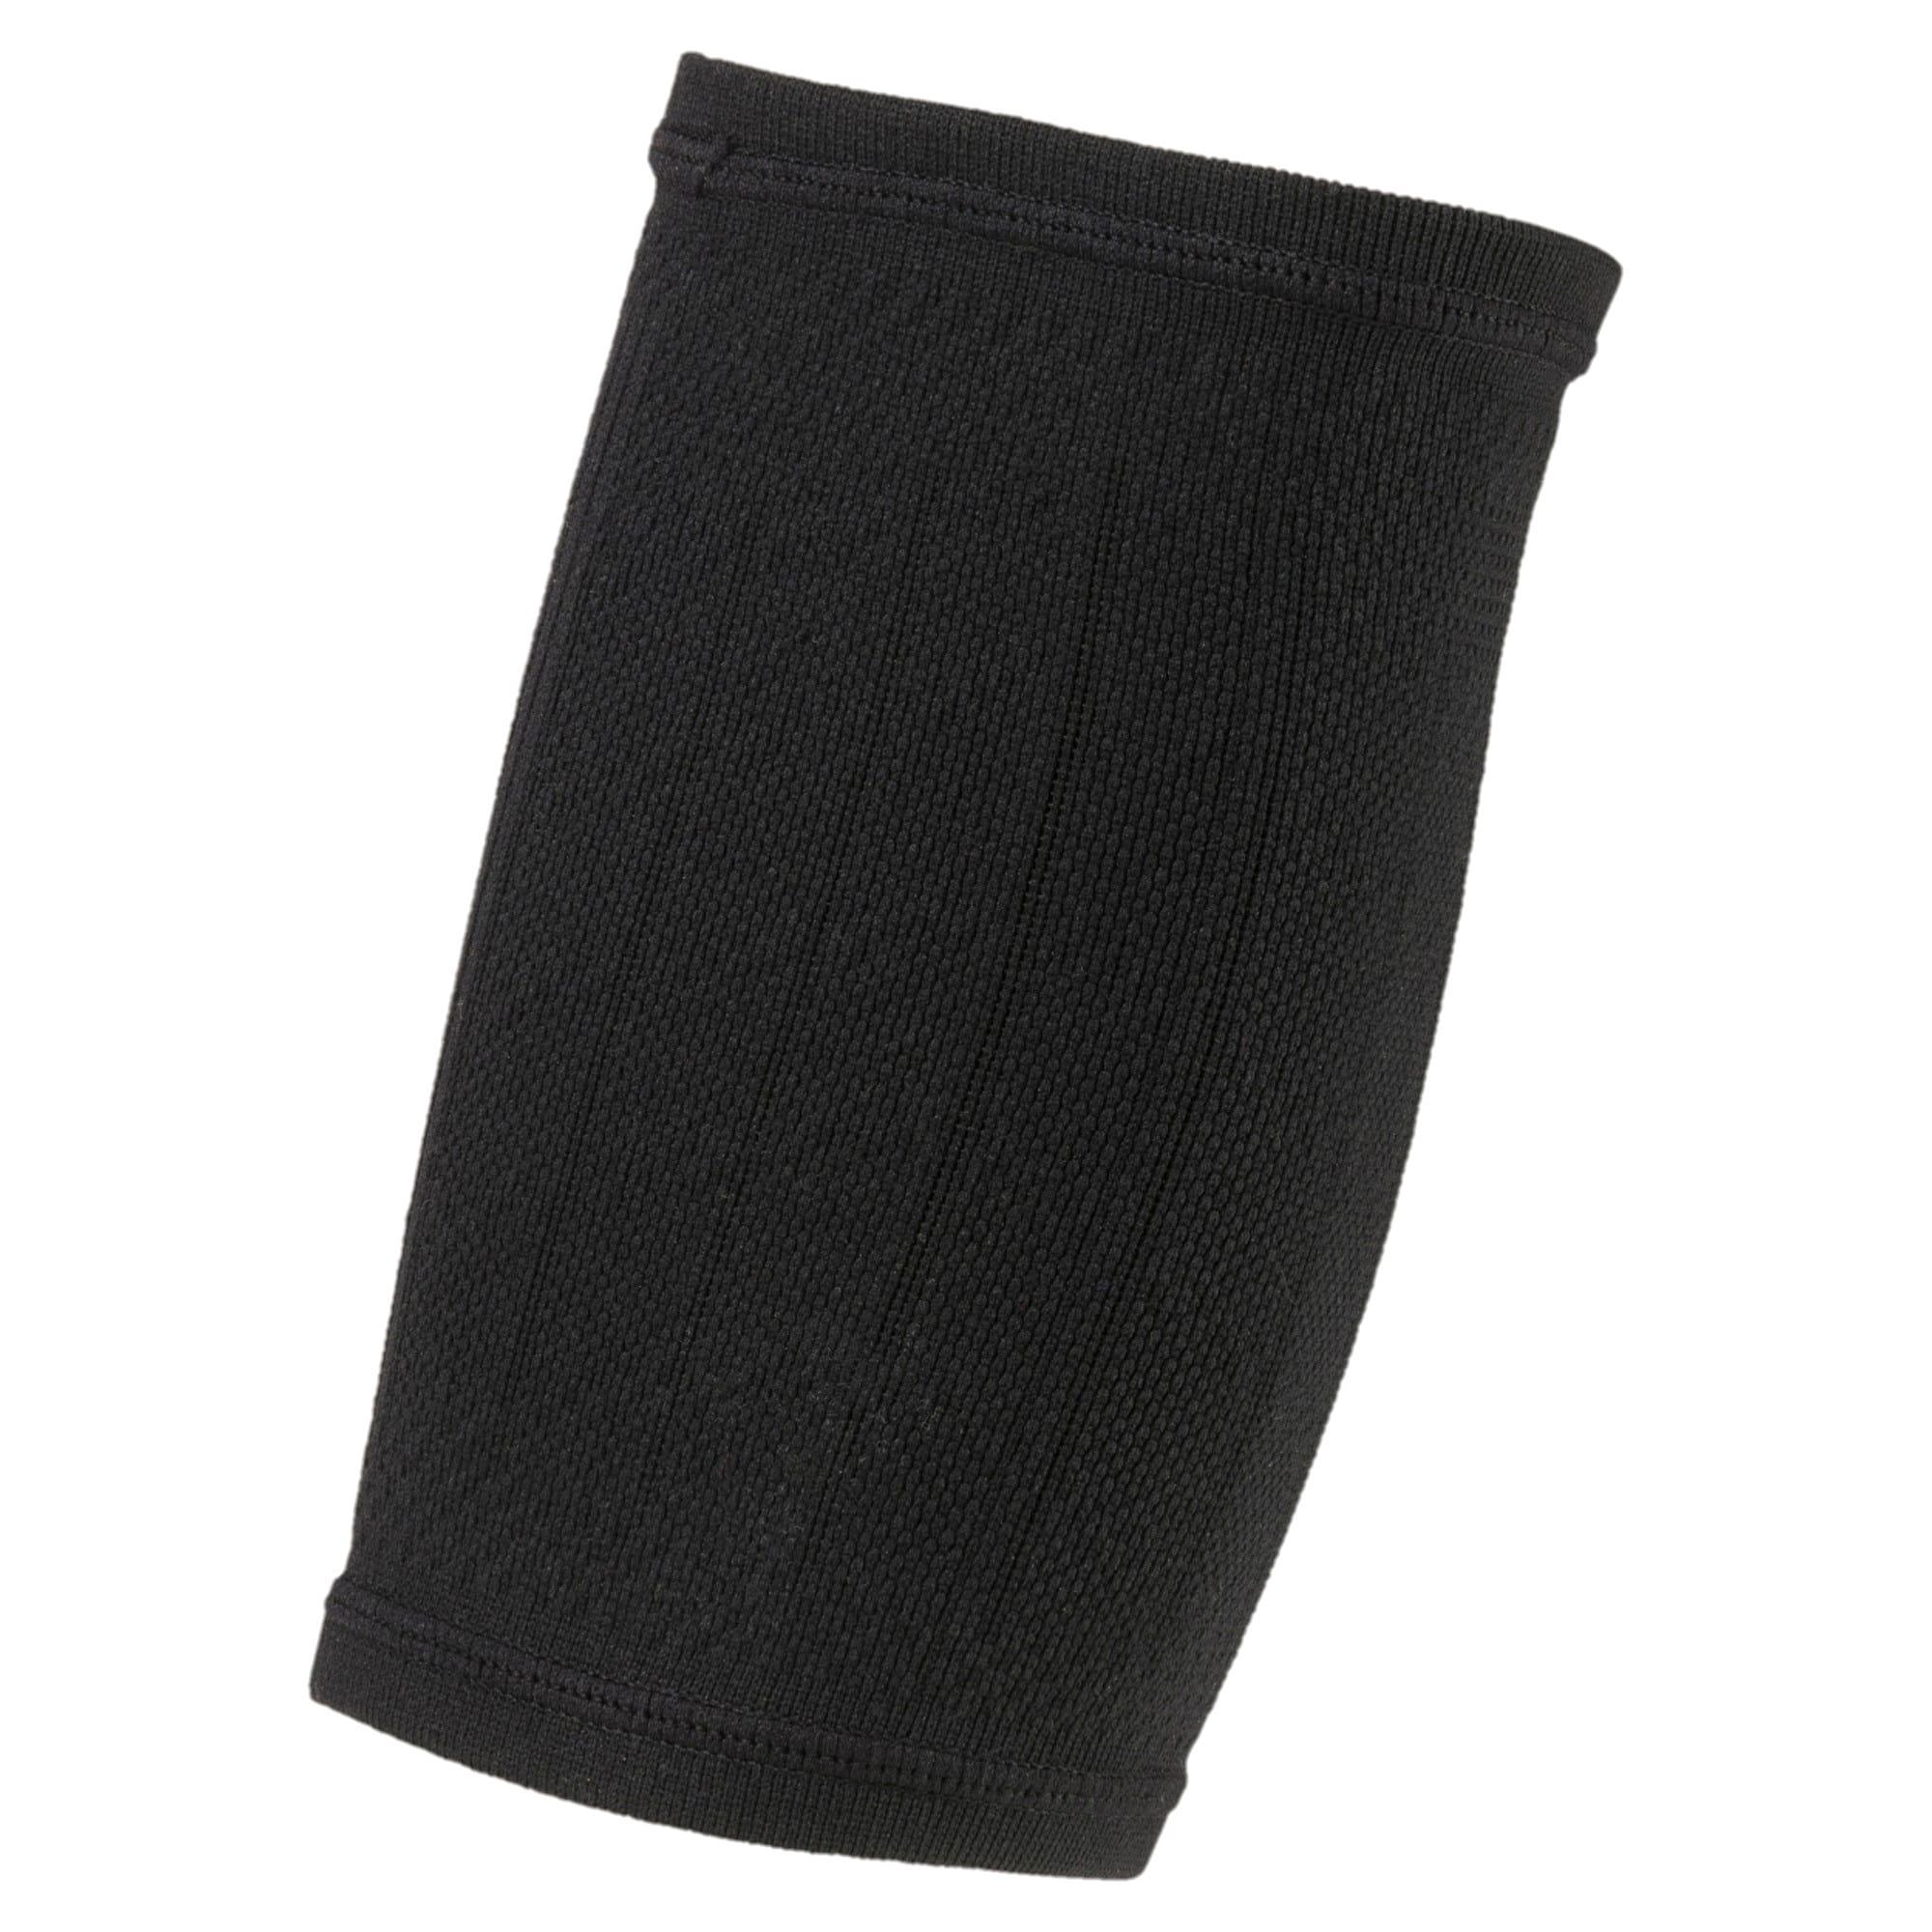 Thumbnail 2 of Running evoKNIT Arm Pocket, Puma Black, medium-IND